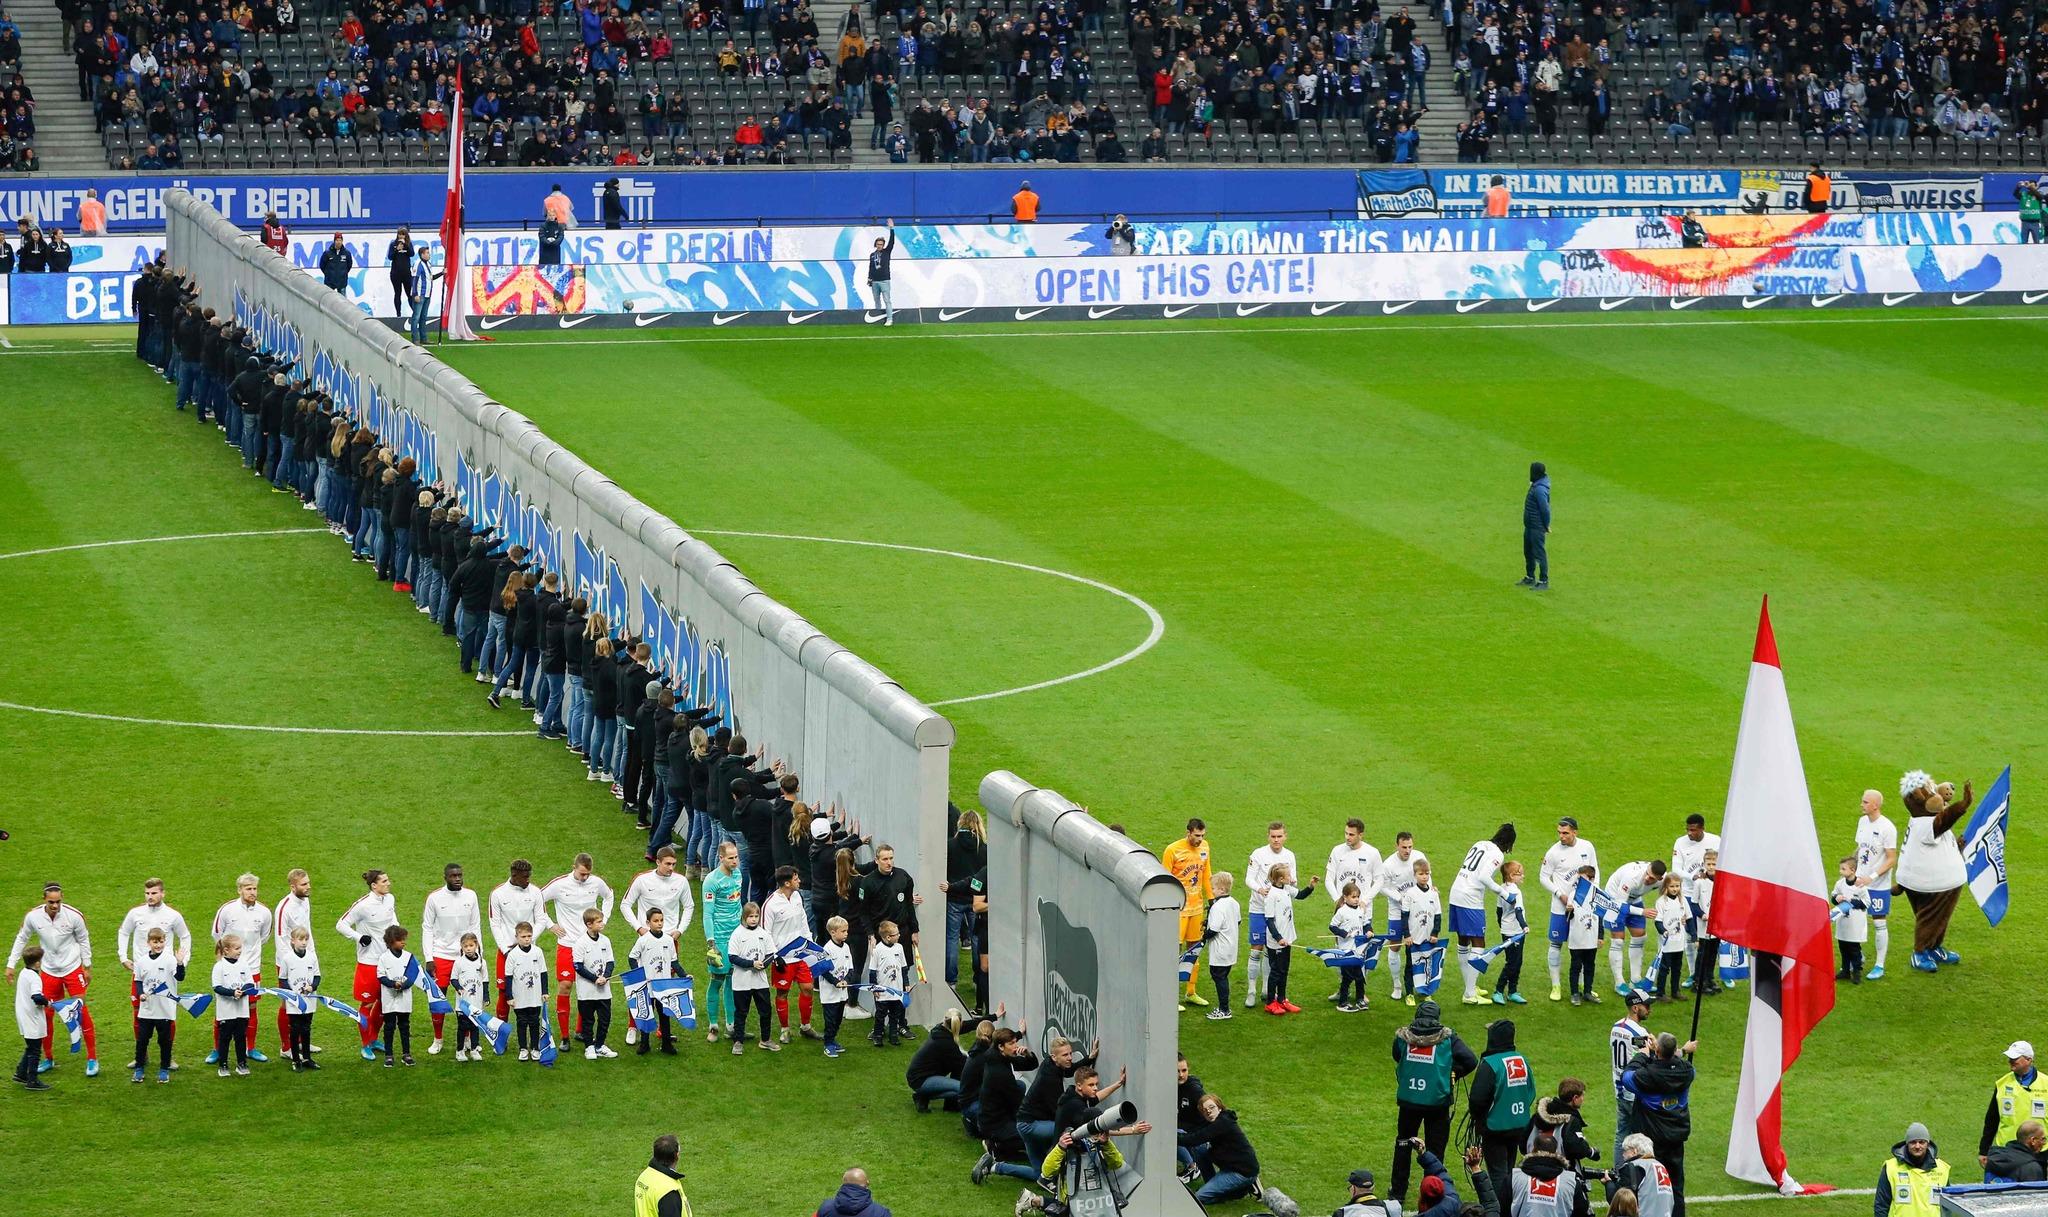 Una réplica del Muro en el Olímpico de Berlín